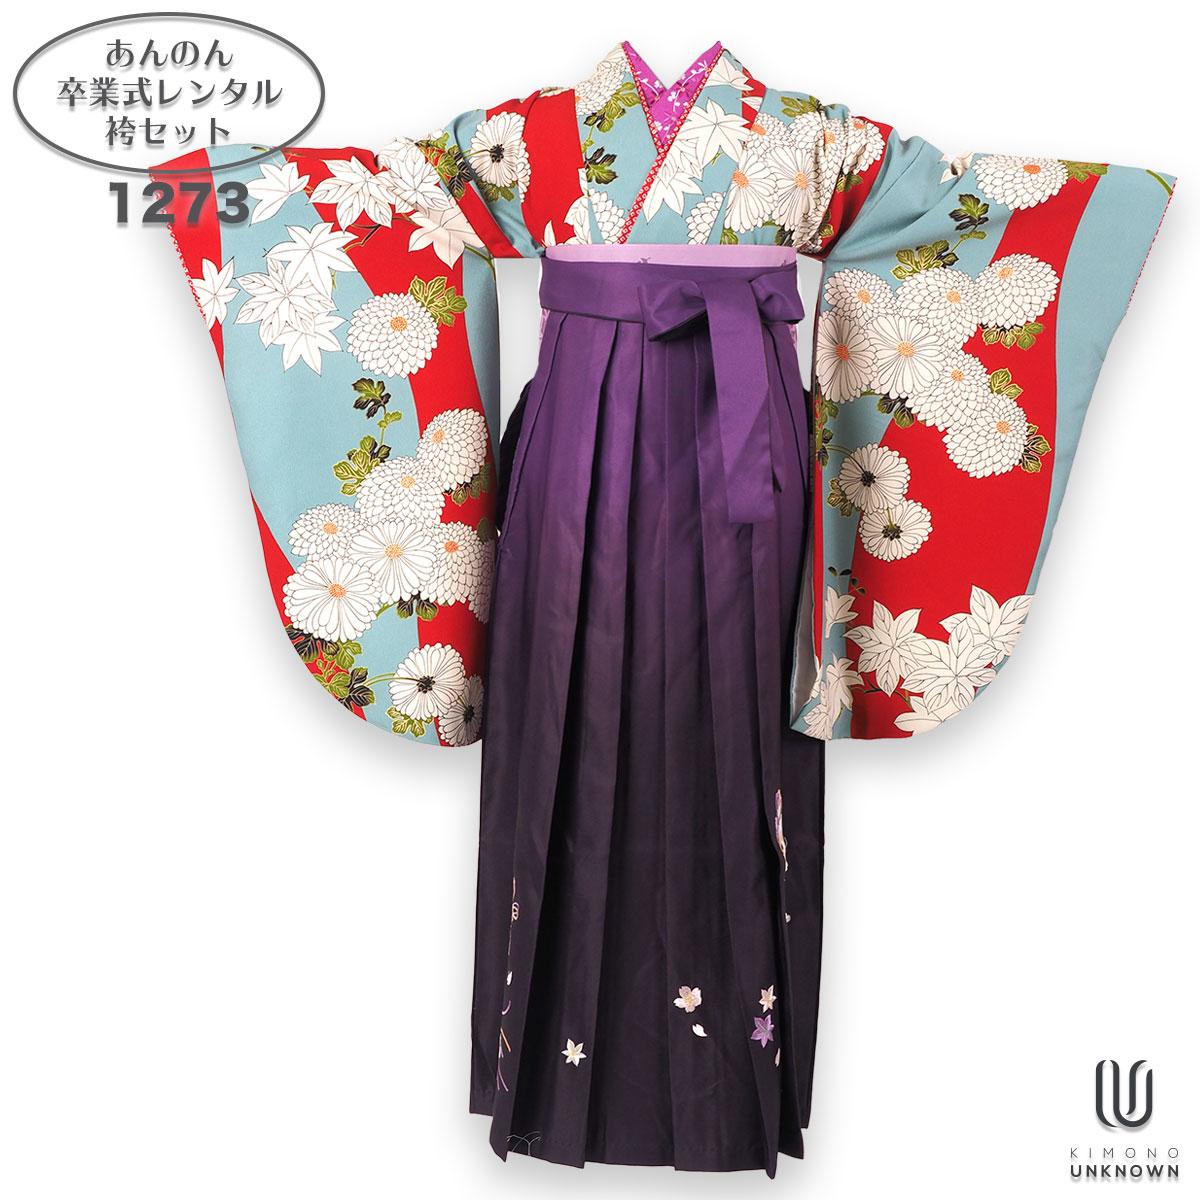  送料無料 卒業式レンタル袴フルセット-1273